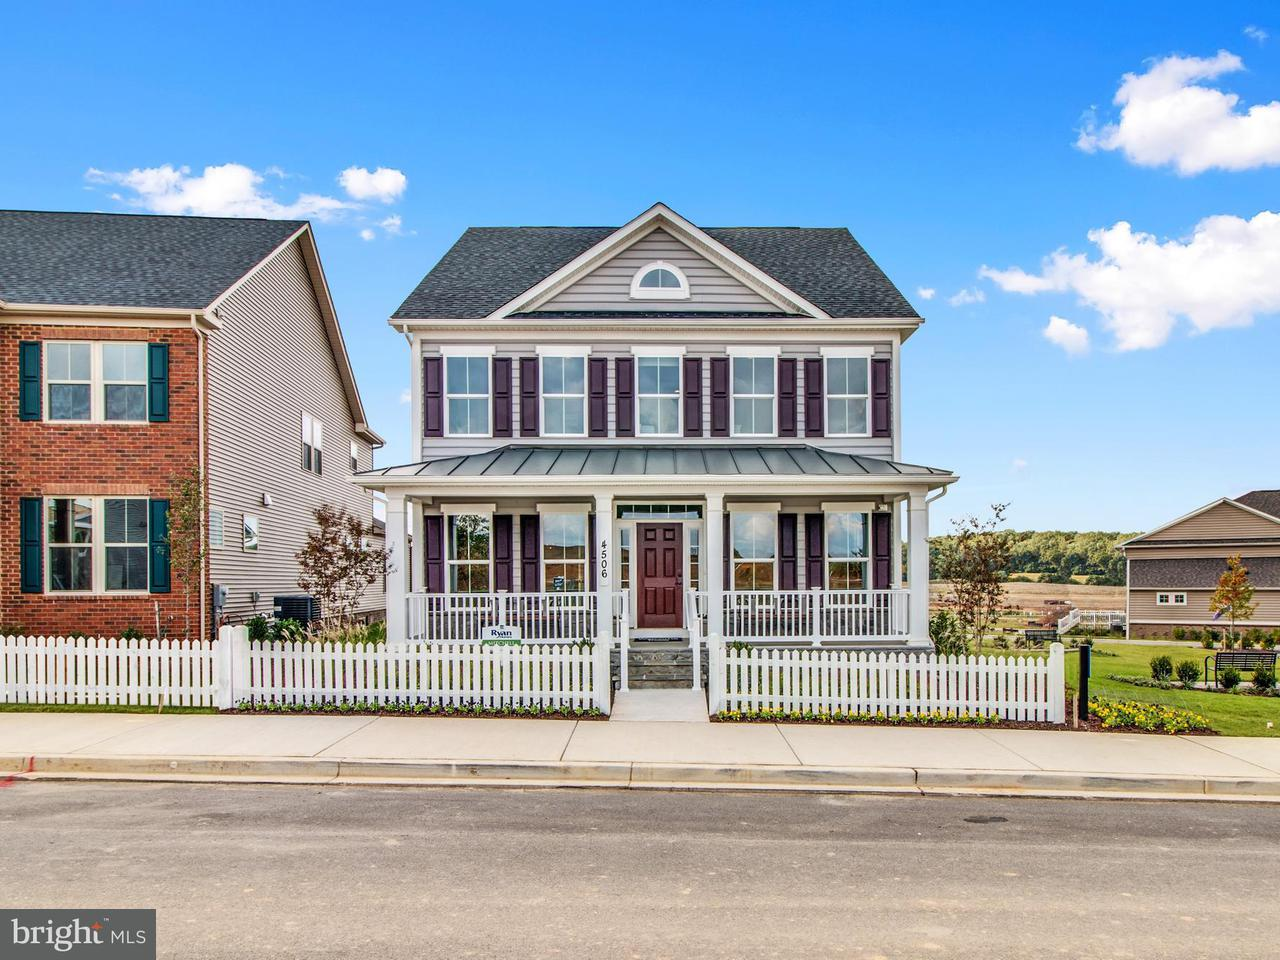 단독 가정 주택 용 매매 에 4310 ARBOR WOOD Court 4310 ARBOR WOOD Court Burtonsville, 메릴랜드 20866 미국